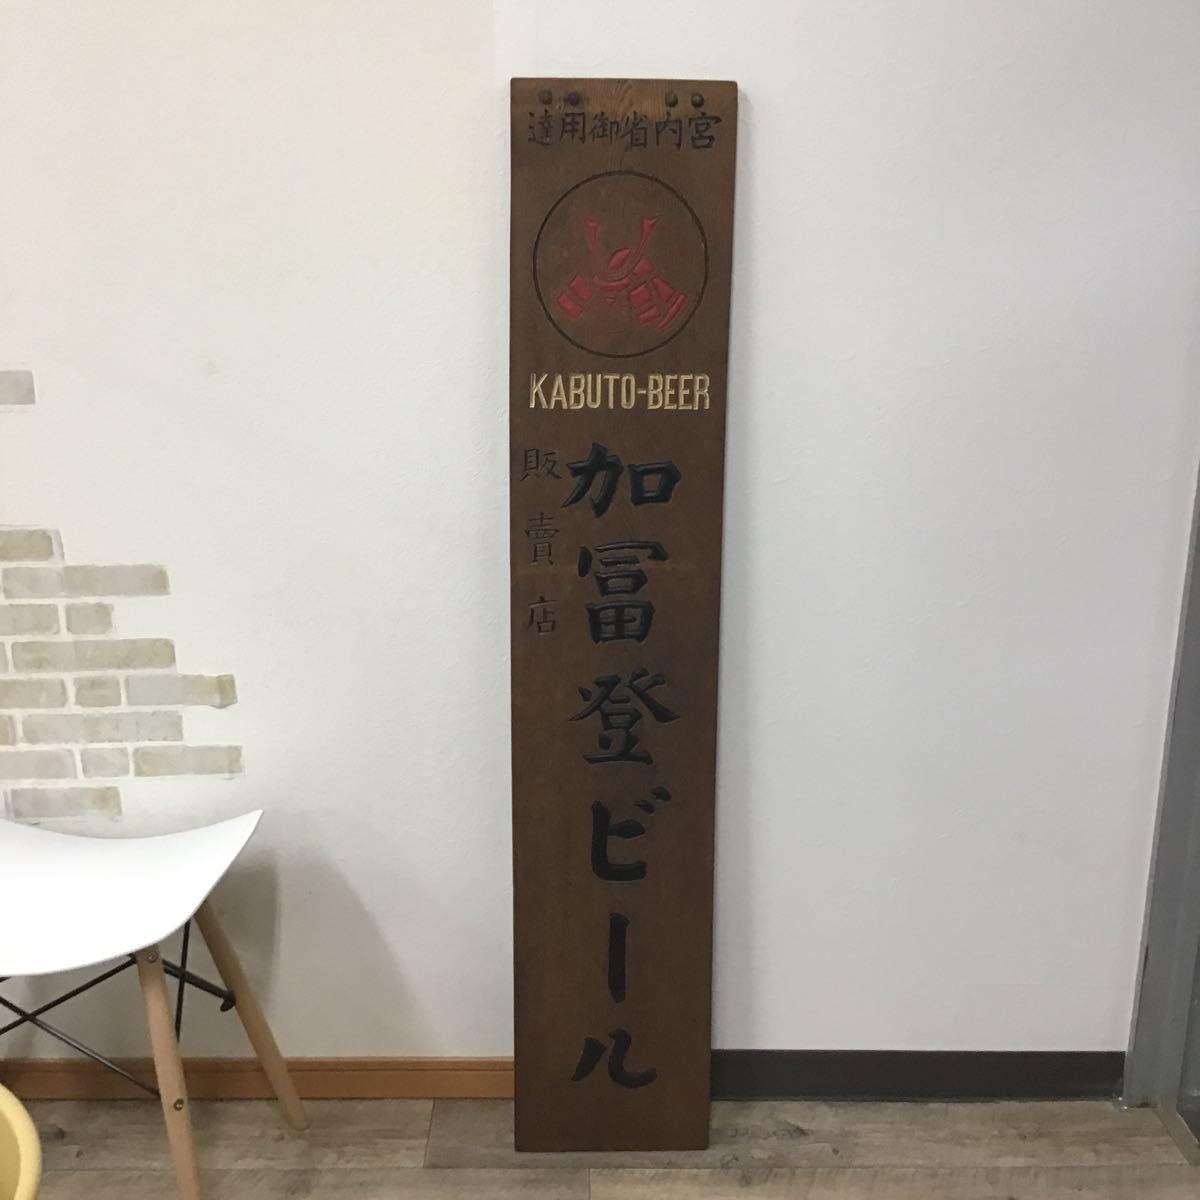 宮内省御用達 加冨登ビール 戦前の看板 No.71_画像1